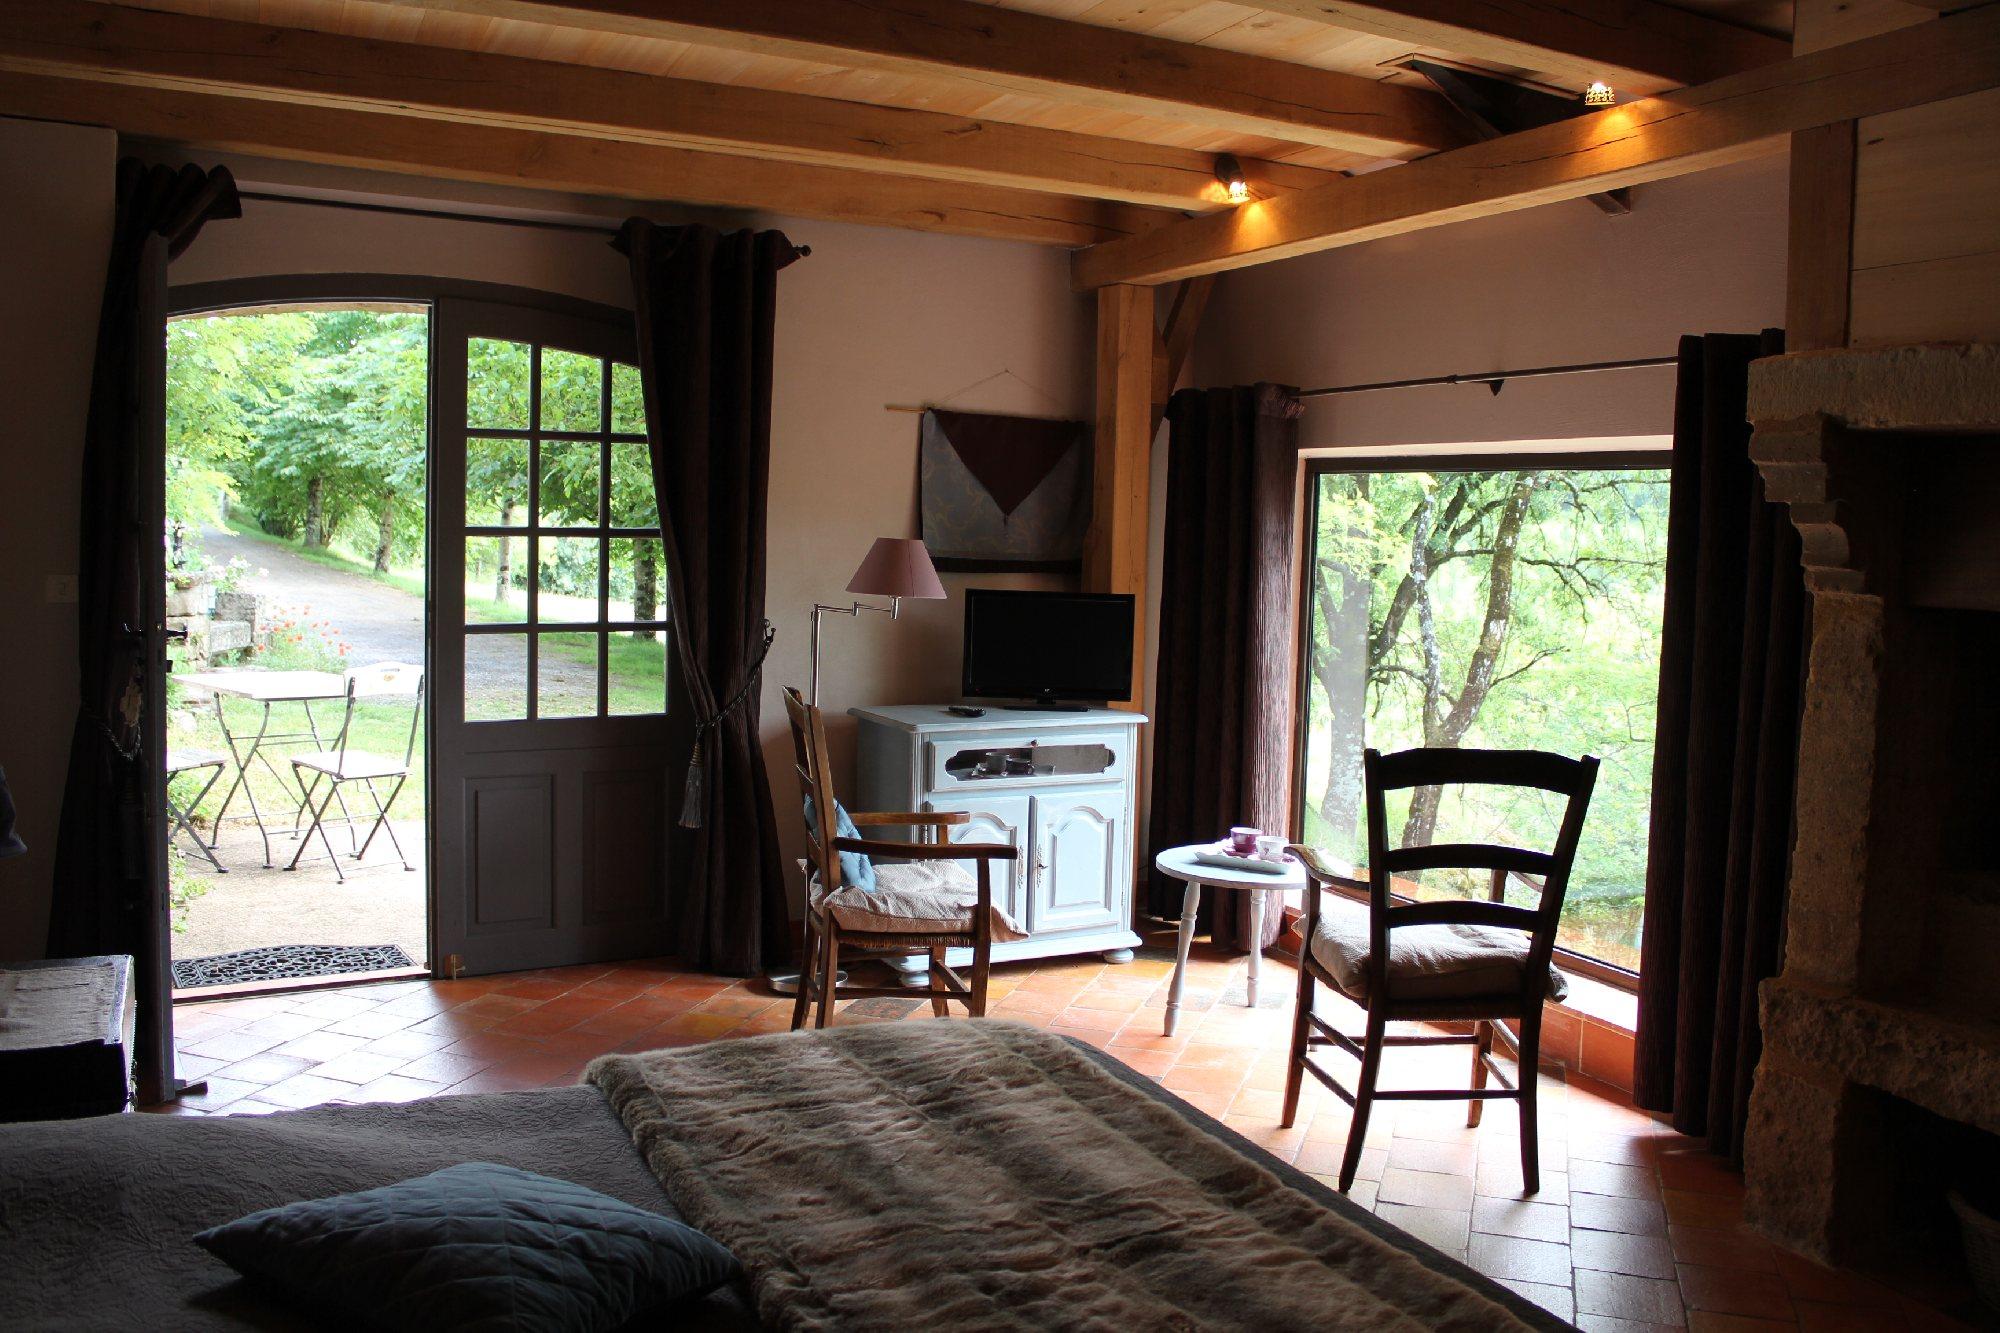 Les terrasses de labade chambres d 39 h tes coubisou - Chambre d hotes en aveyron ...